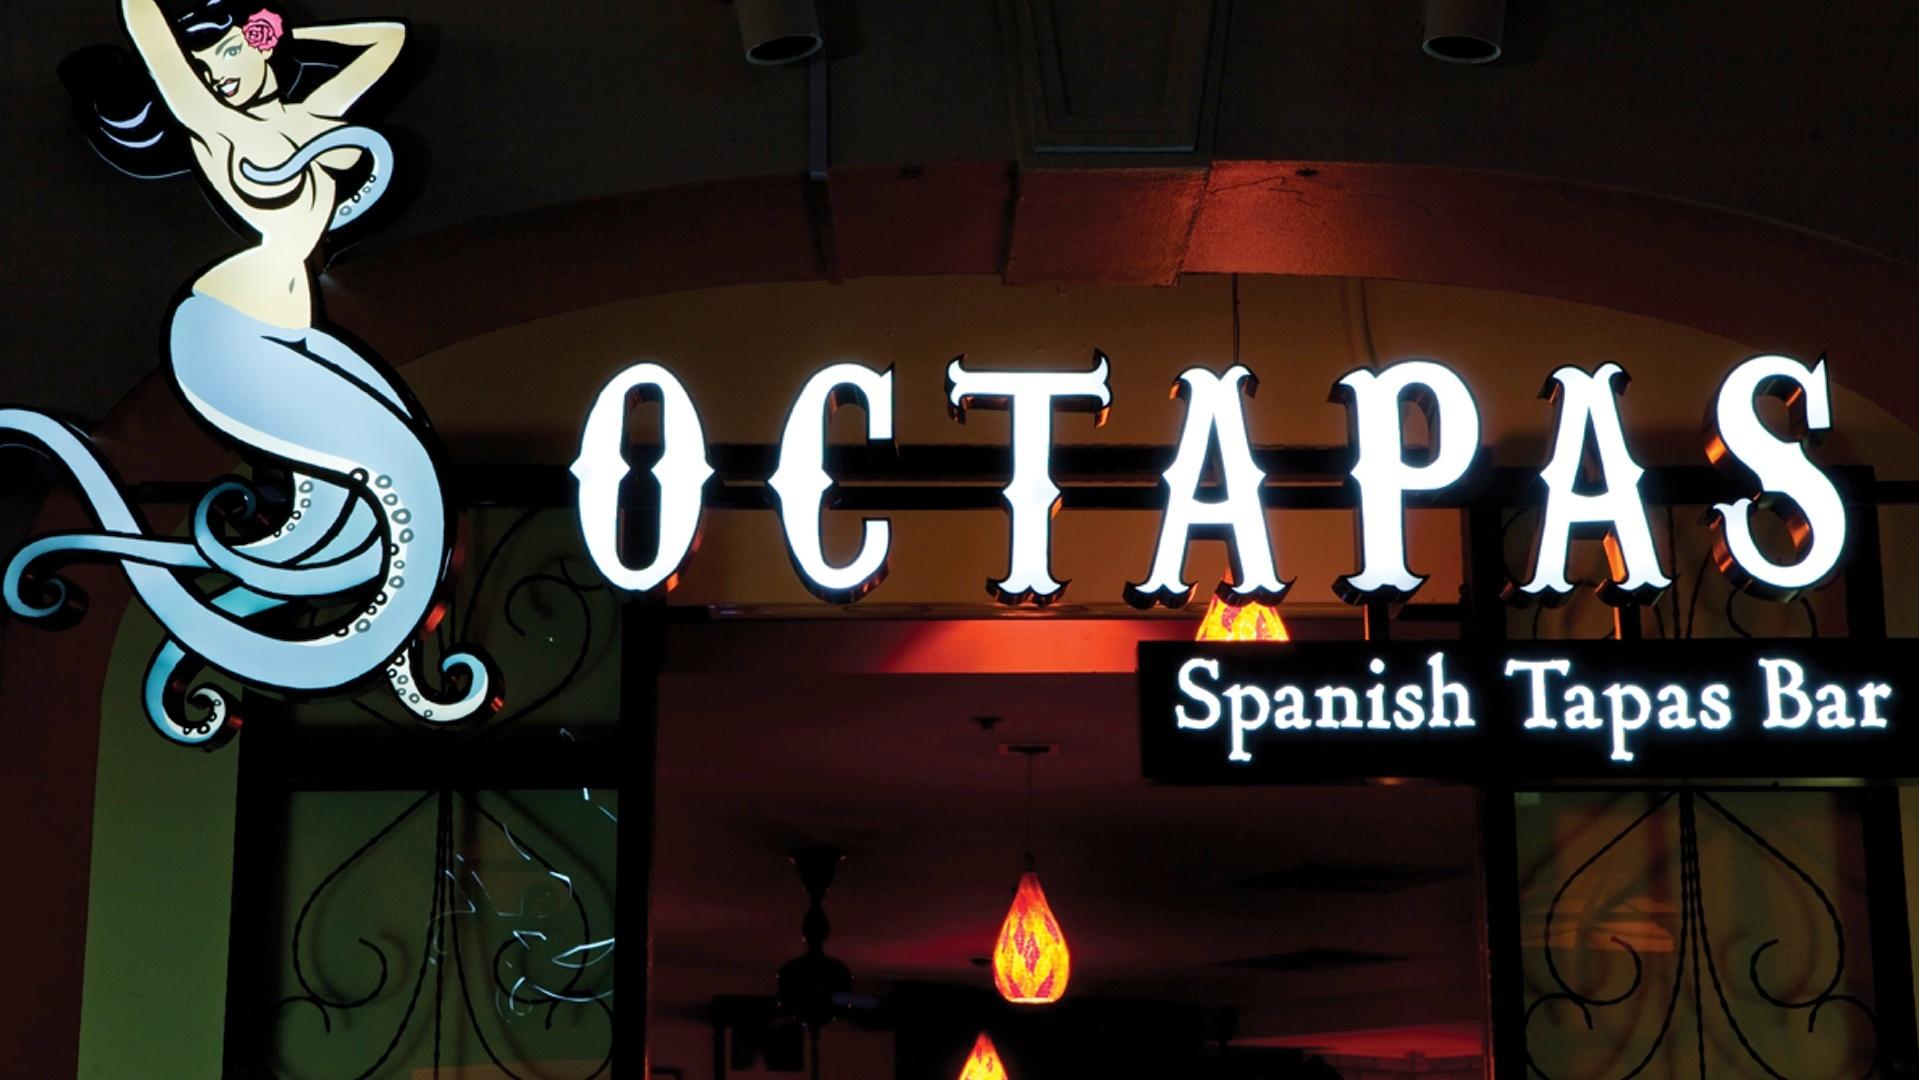 Octapas